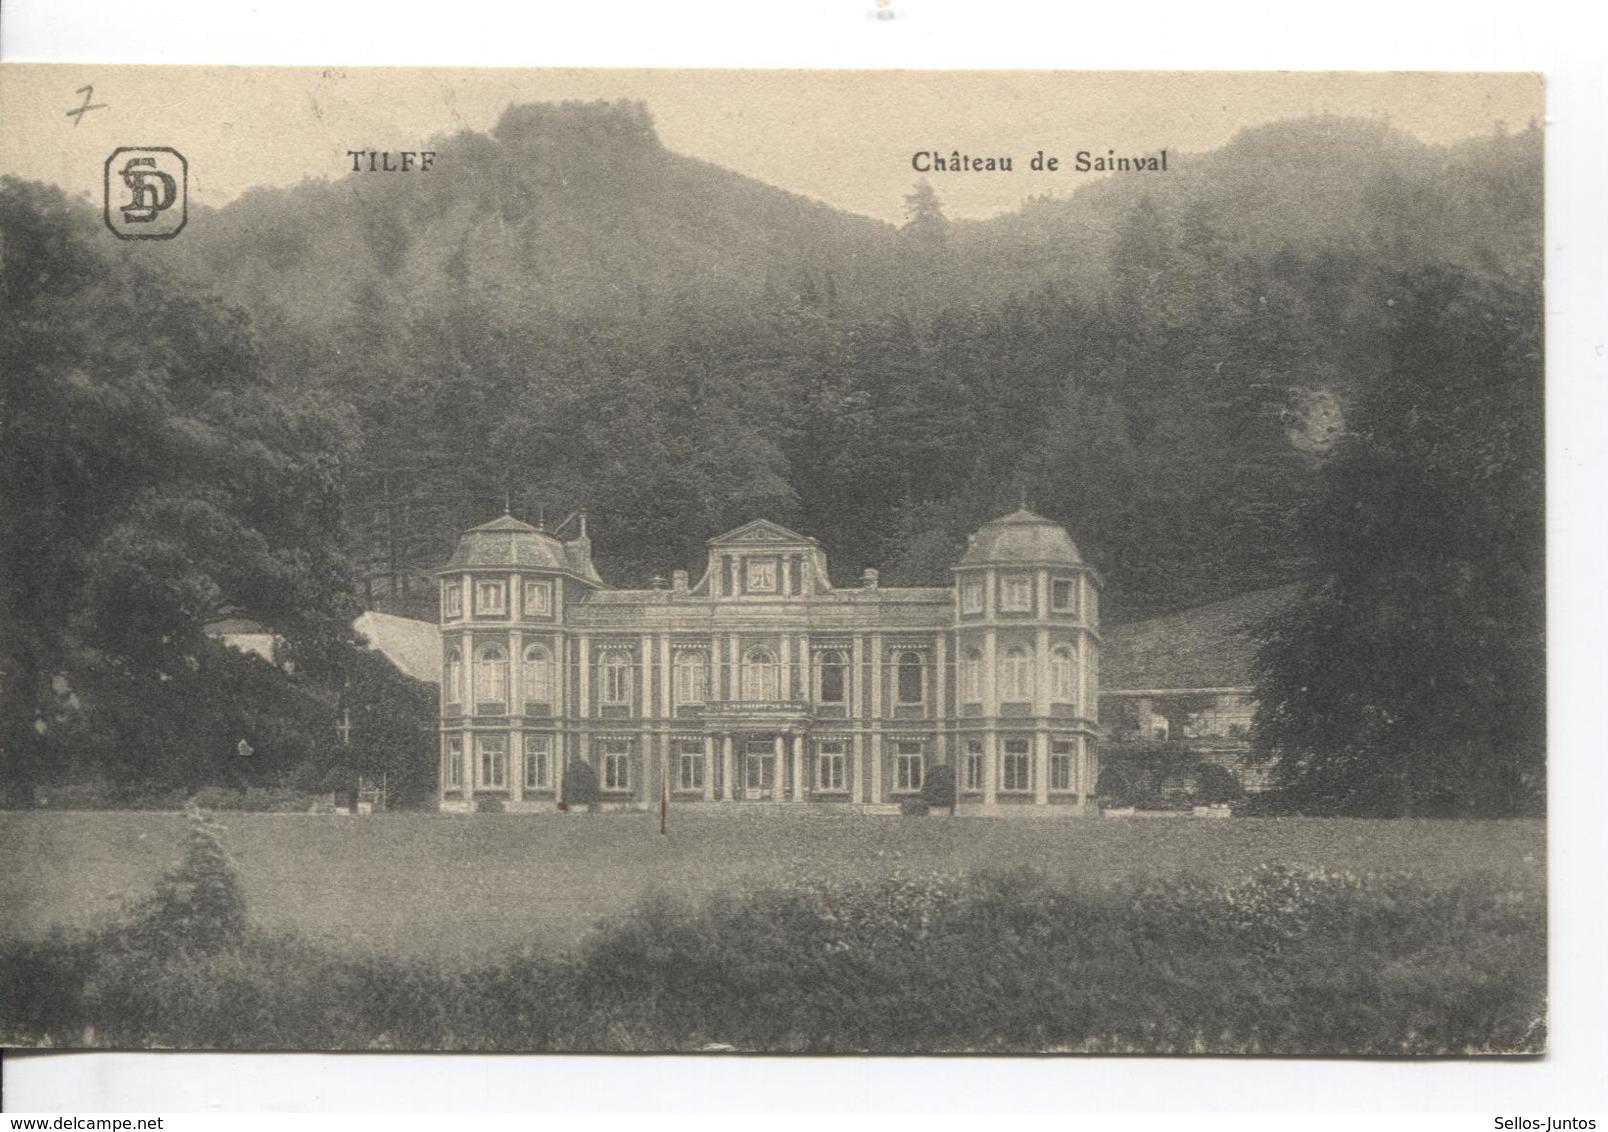 SJ87/ TP Oc 14 S/CP Château De Sainval (Tilff) C.Tilff 1916 Censure Lüttich V.Berlin - Guerre 14-18